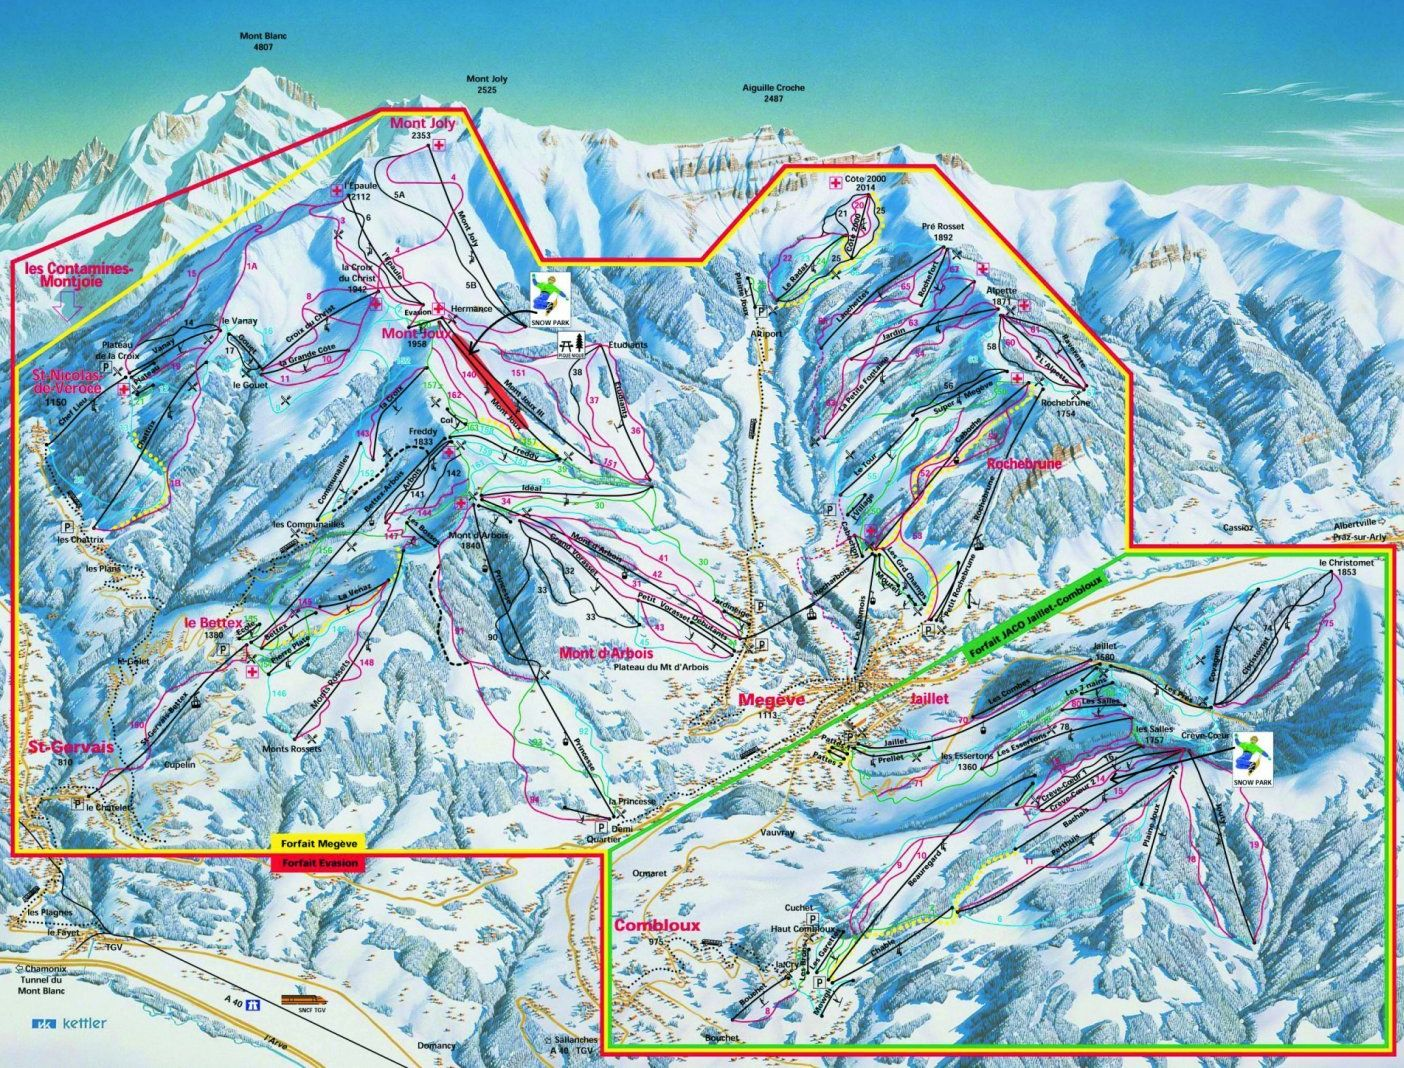 Combloux Piste / Trail Map